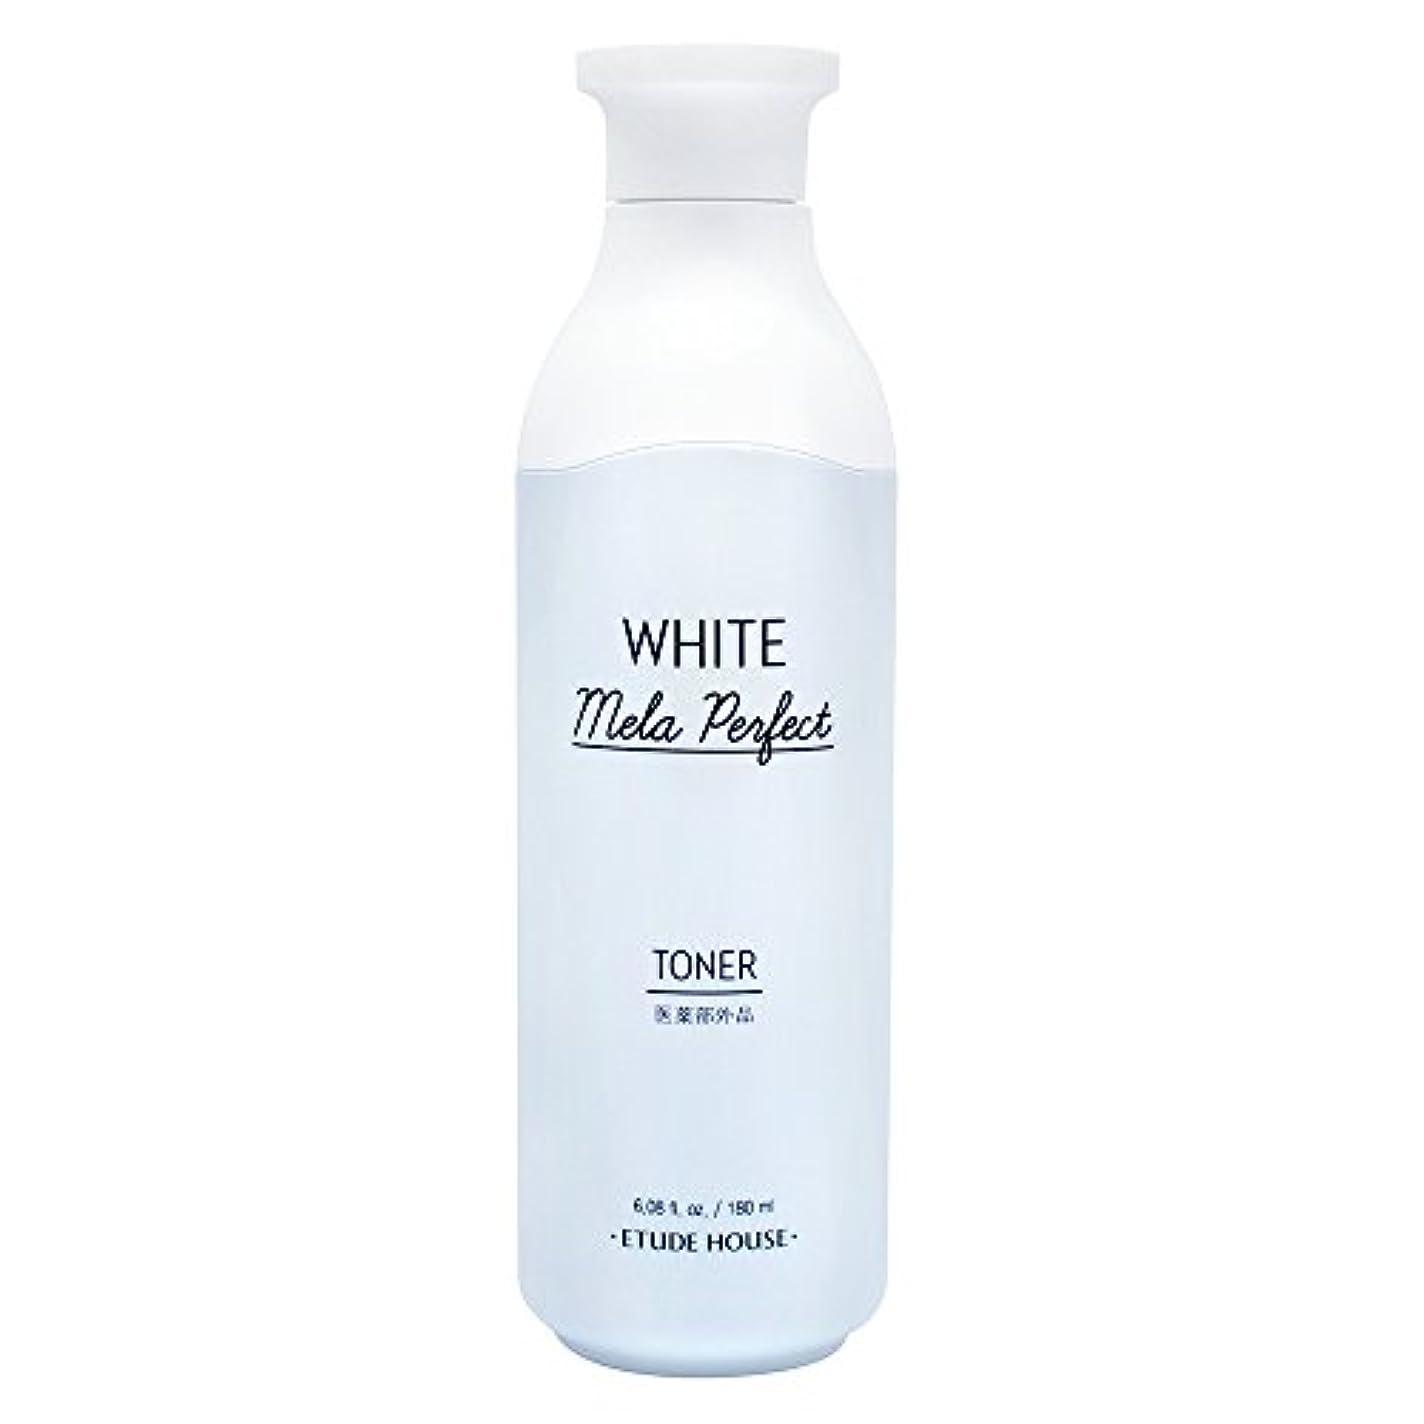 ギネス自己パパエチュードハウス(ETUDE HOUSE) ホワイトメラパーフェクト トナー[美白化粧水、化粧水]